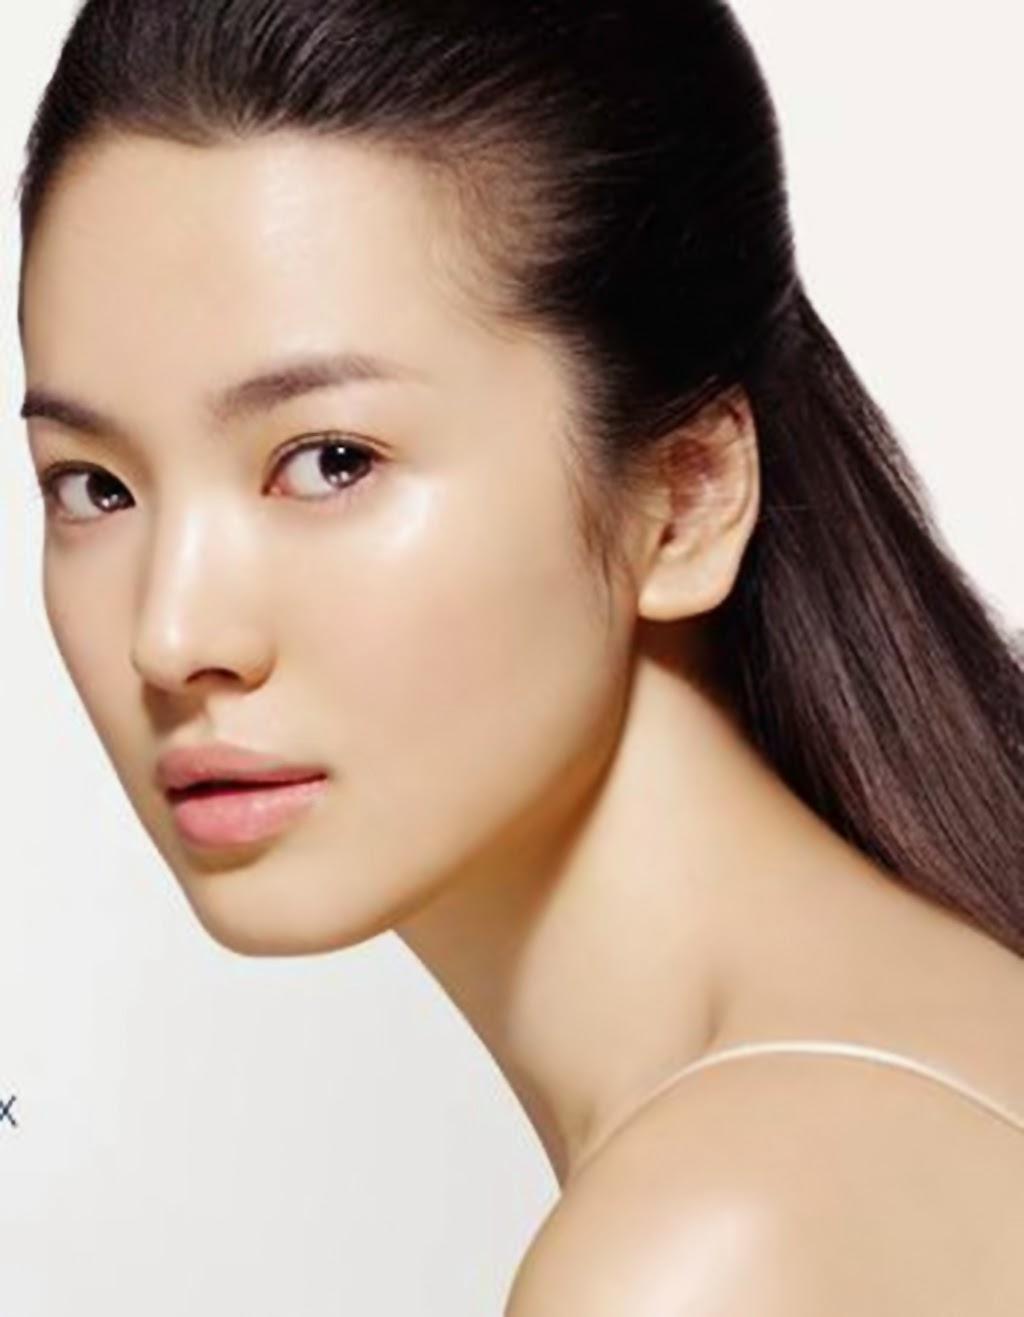 Cách làm đẹp cho vùng da cổ thêm quyến rũ